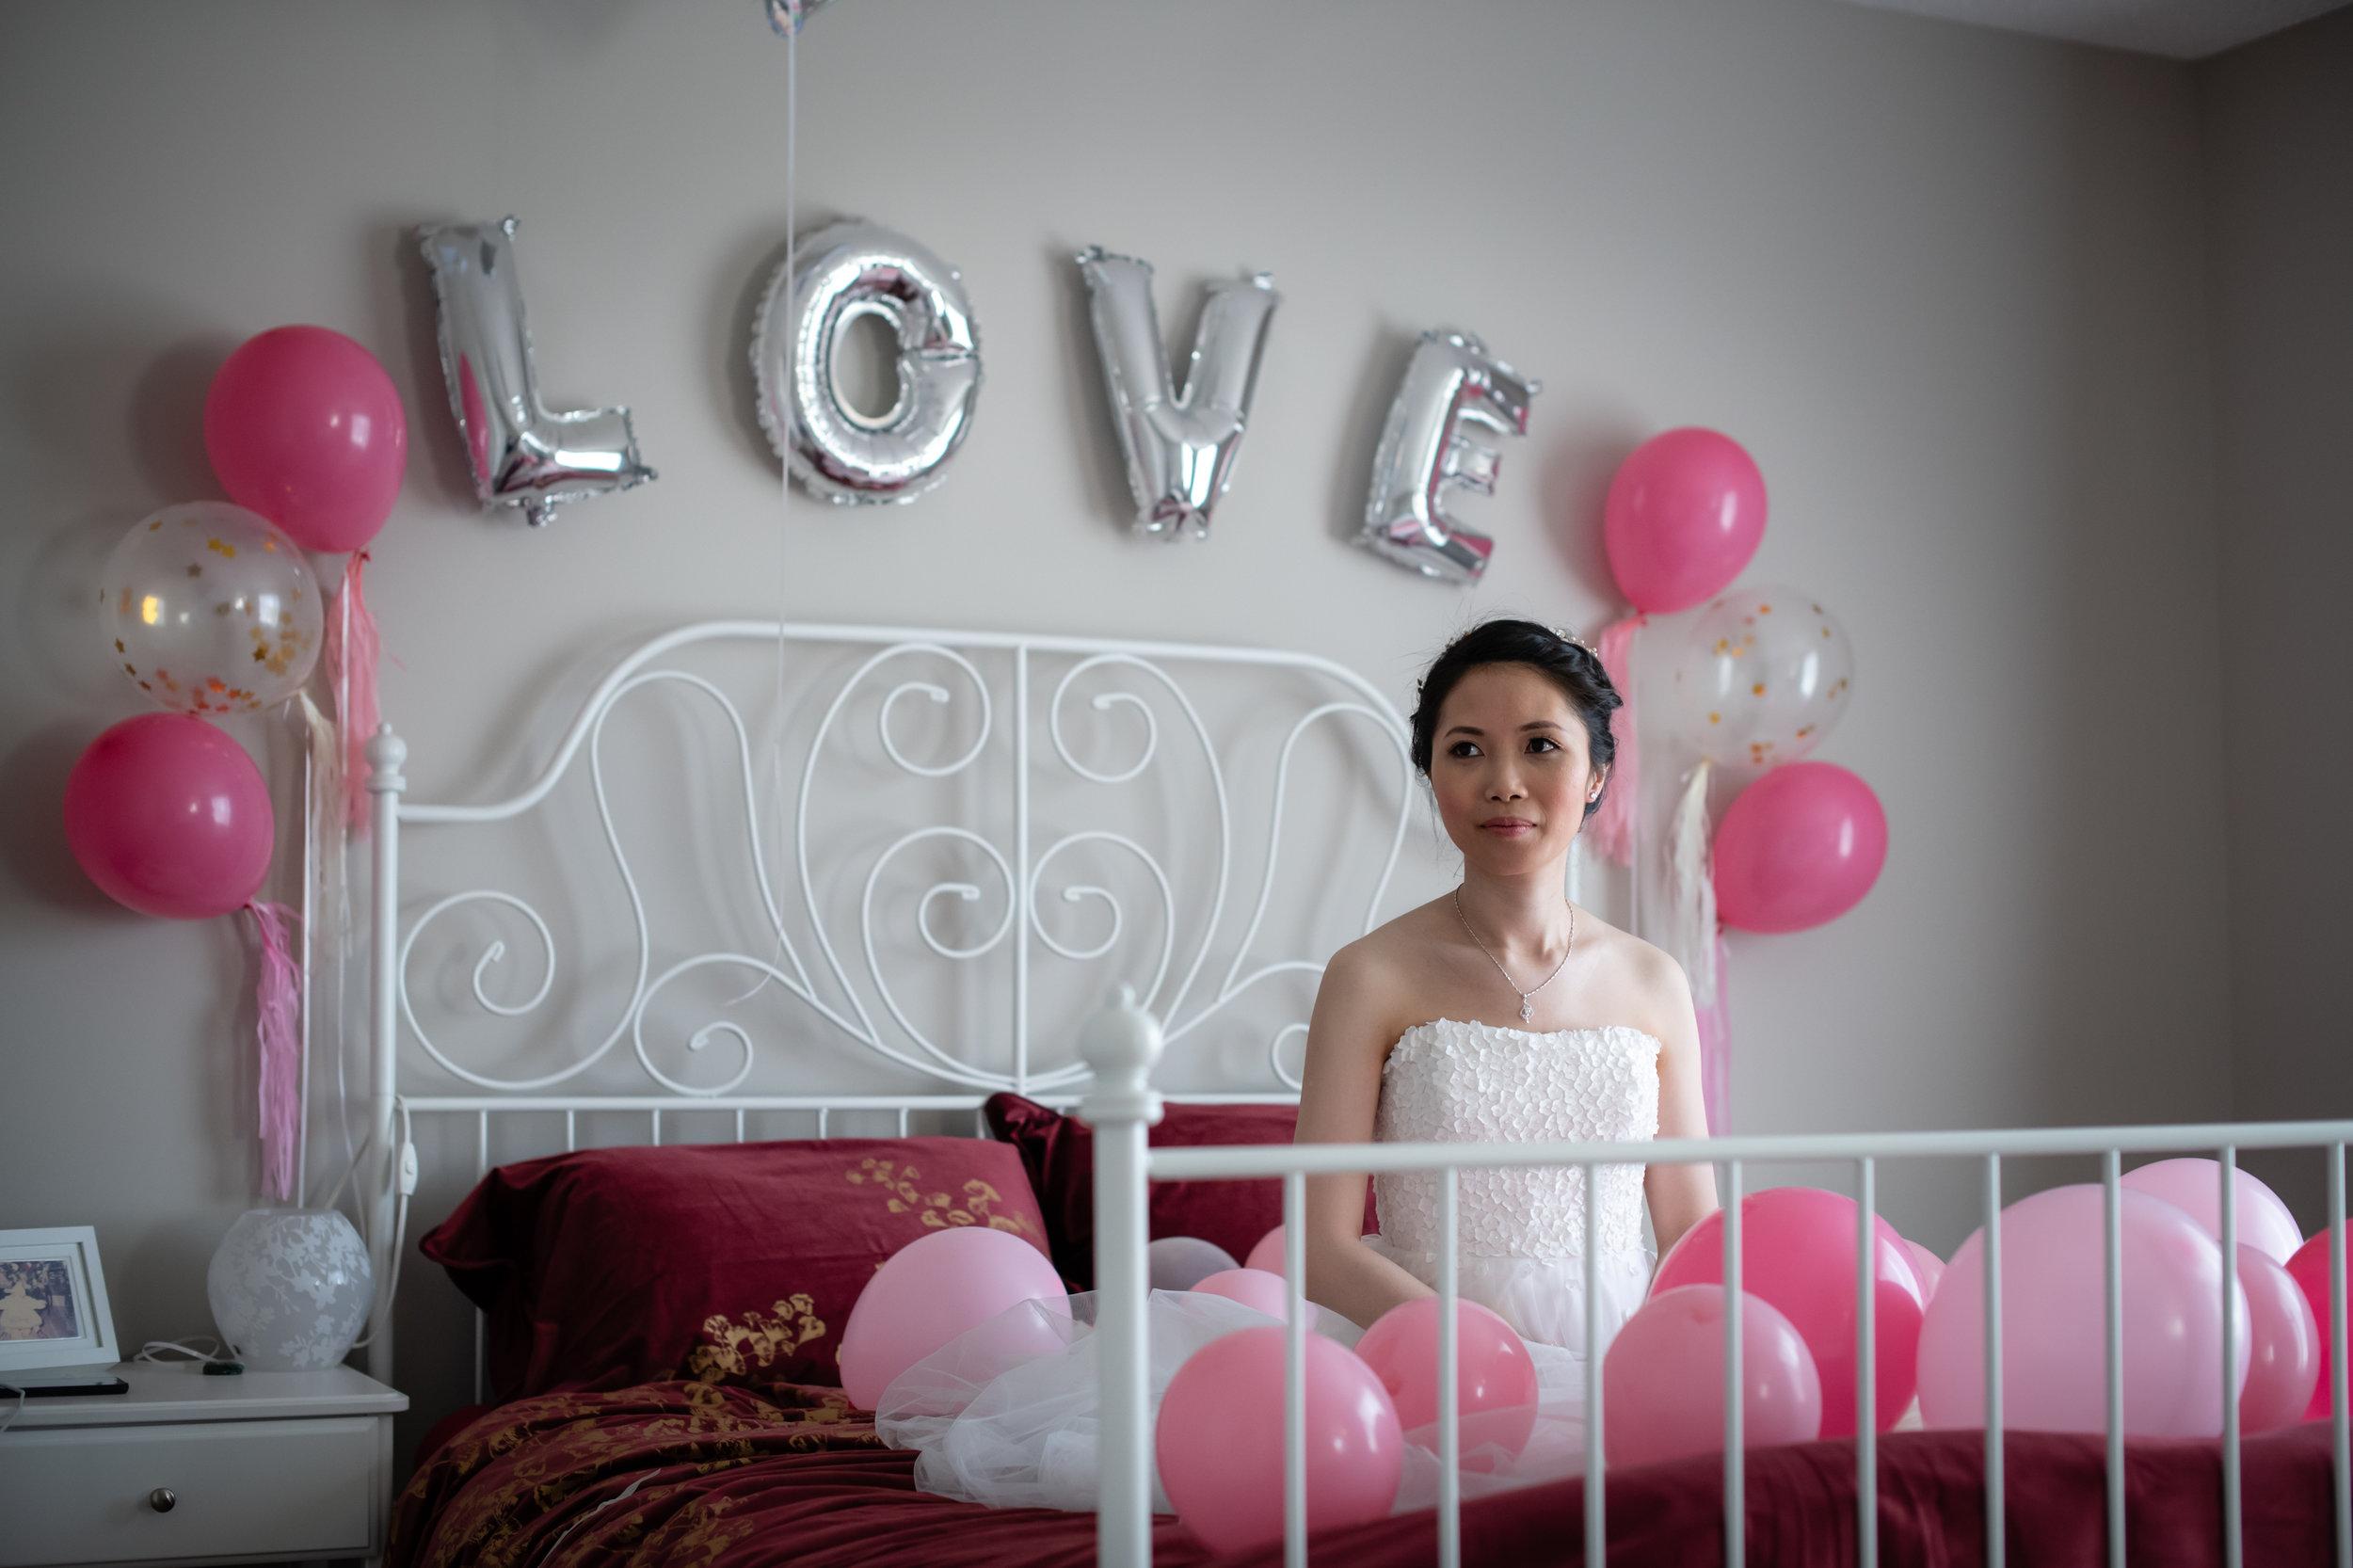 Selina_Chris_Wedding_Sneak_Peek_022.jpg